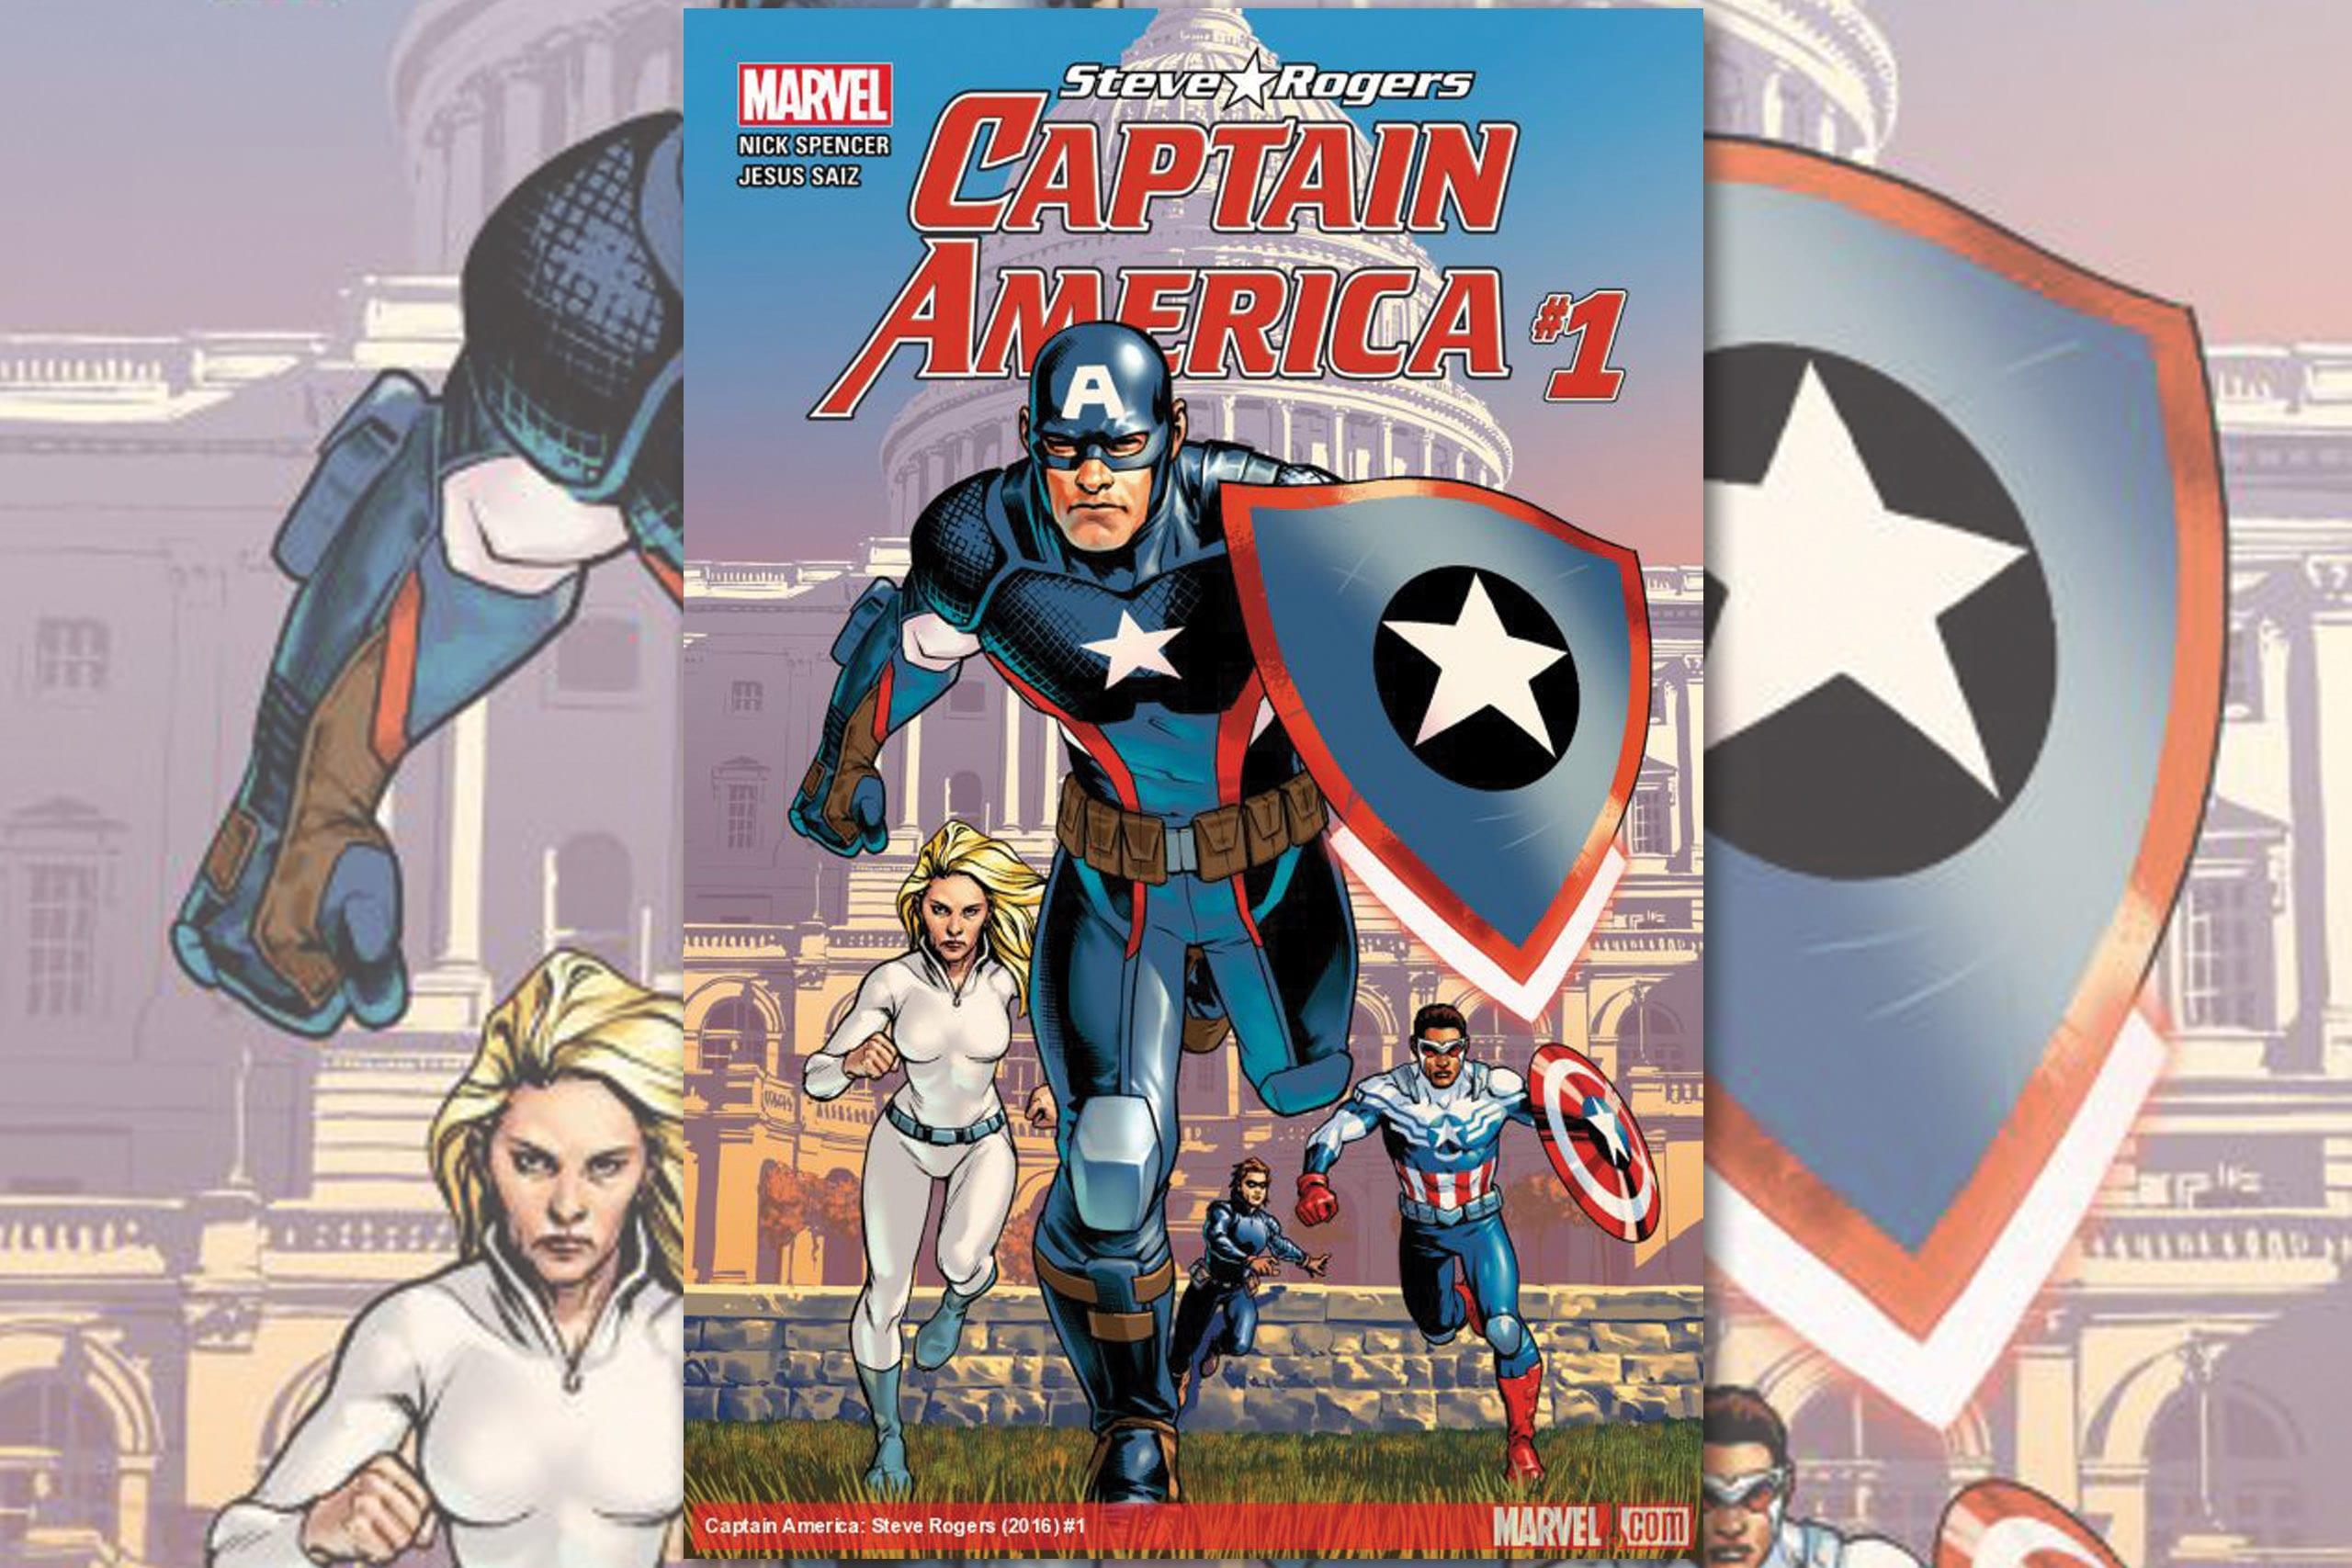 kapitan ameryka filmawka